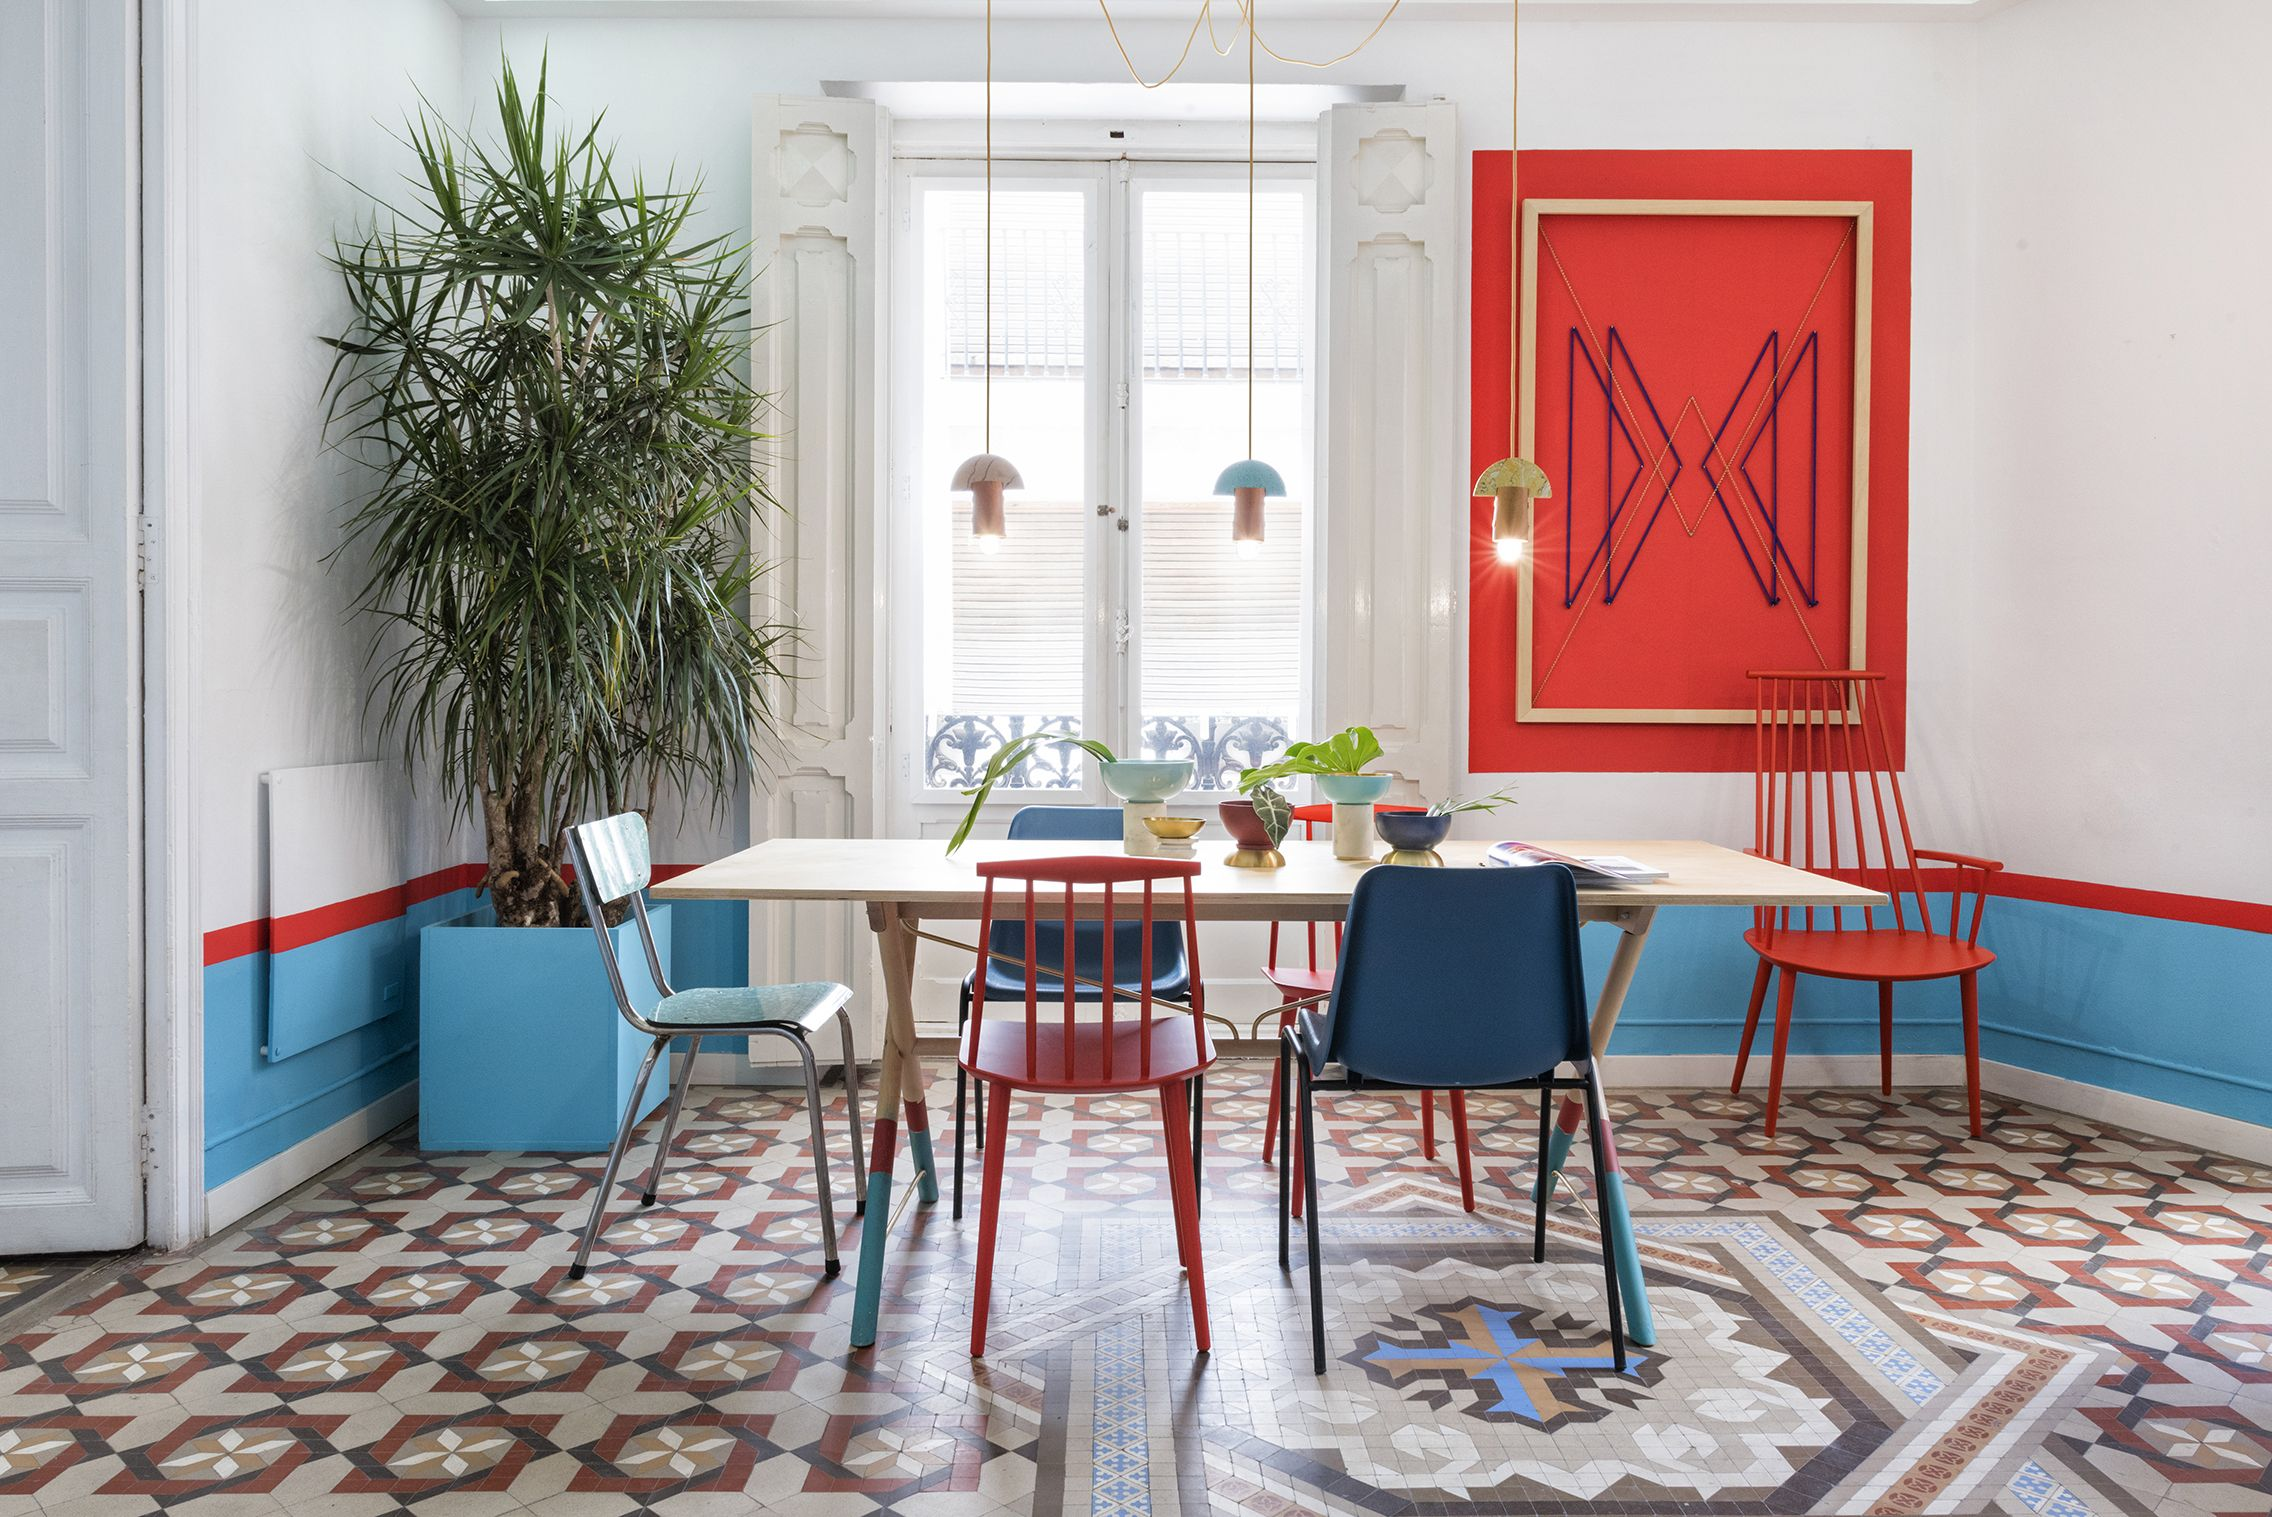 Ostelli in Europa, una selezione degli ostelli europei più belli per una scelta di design